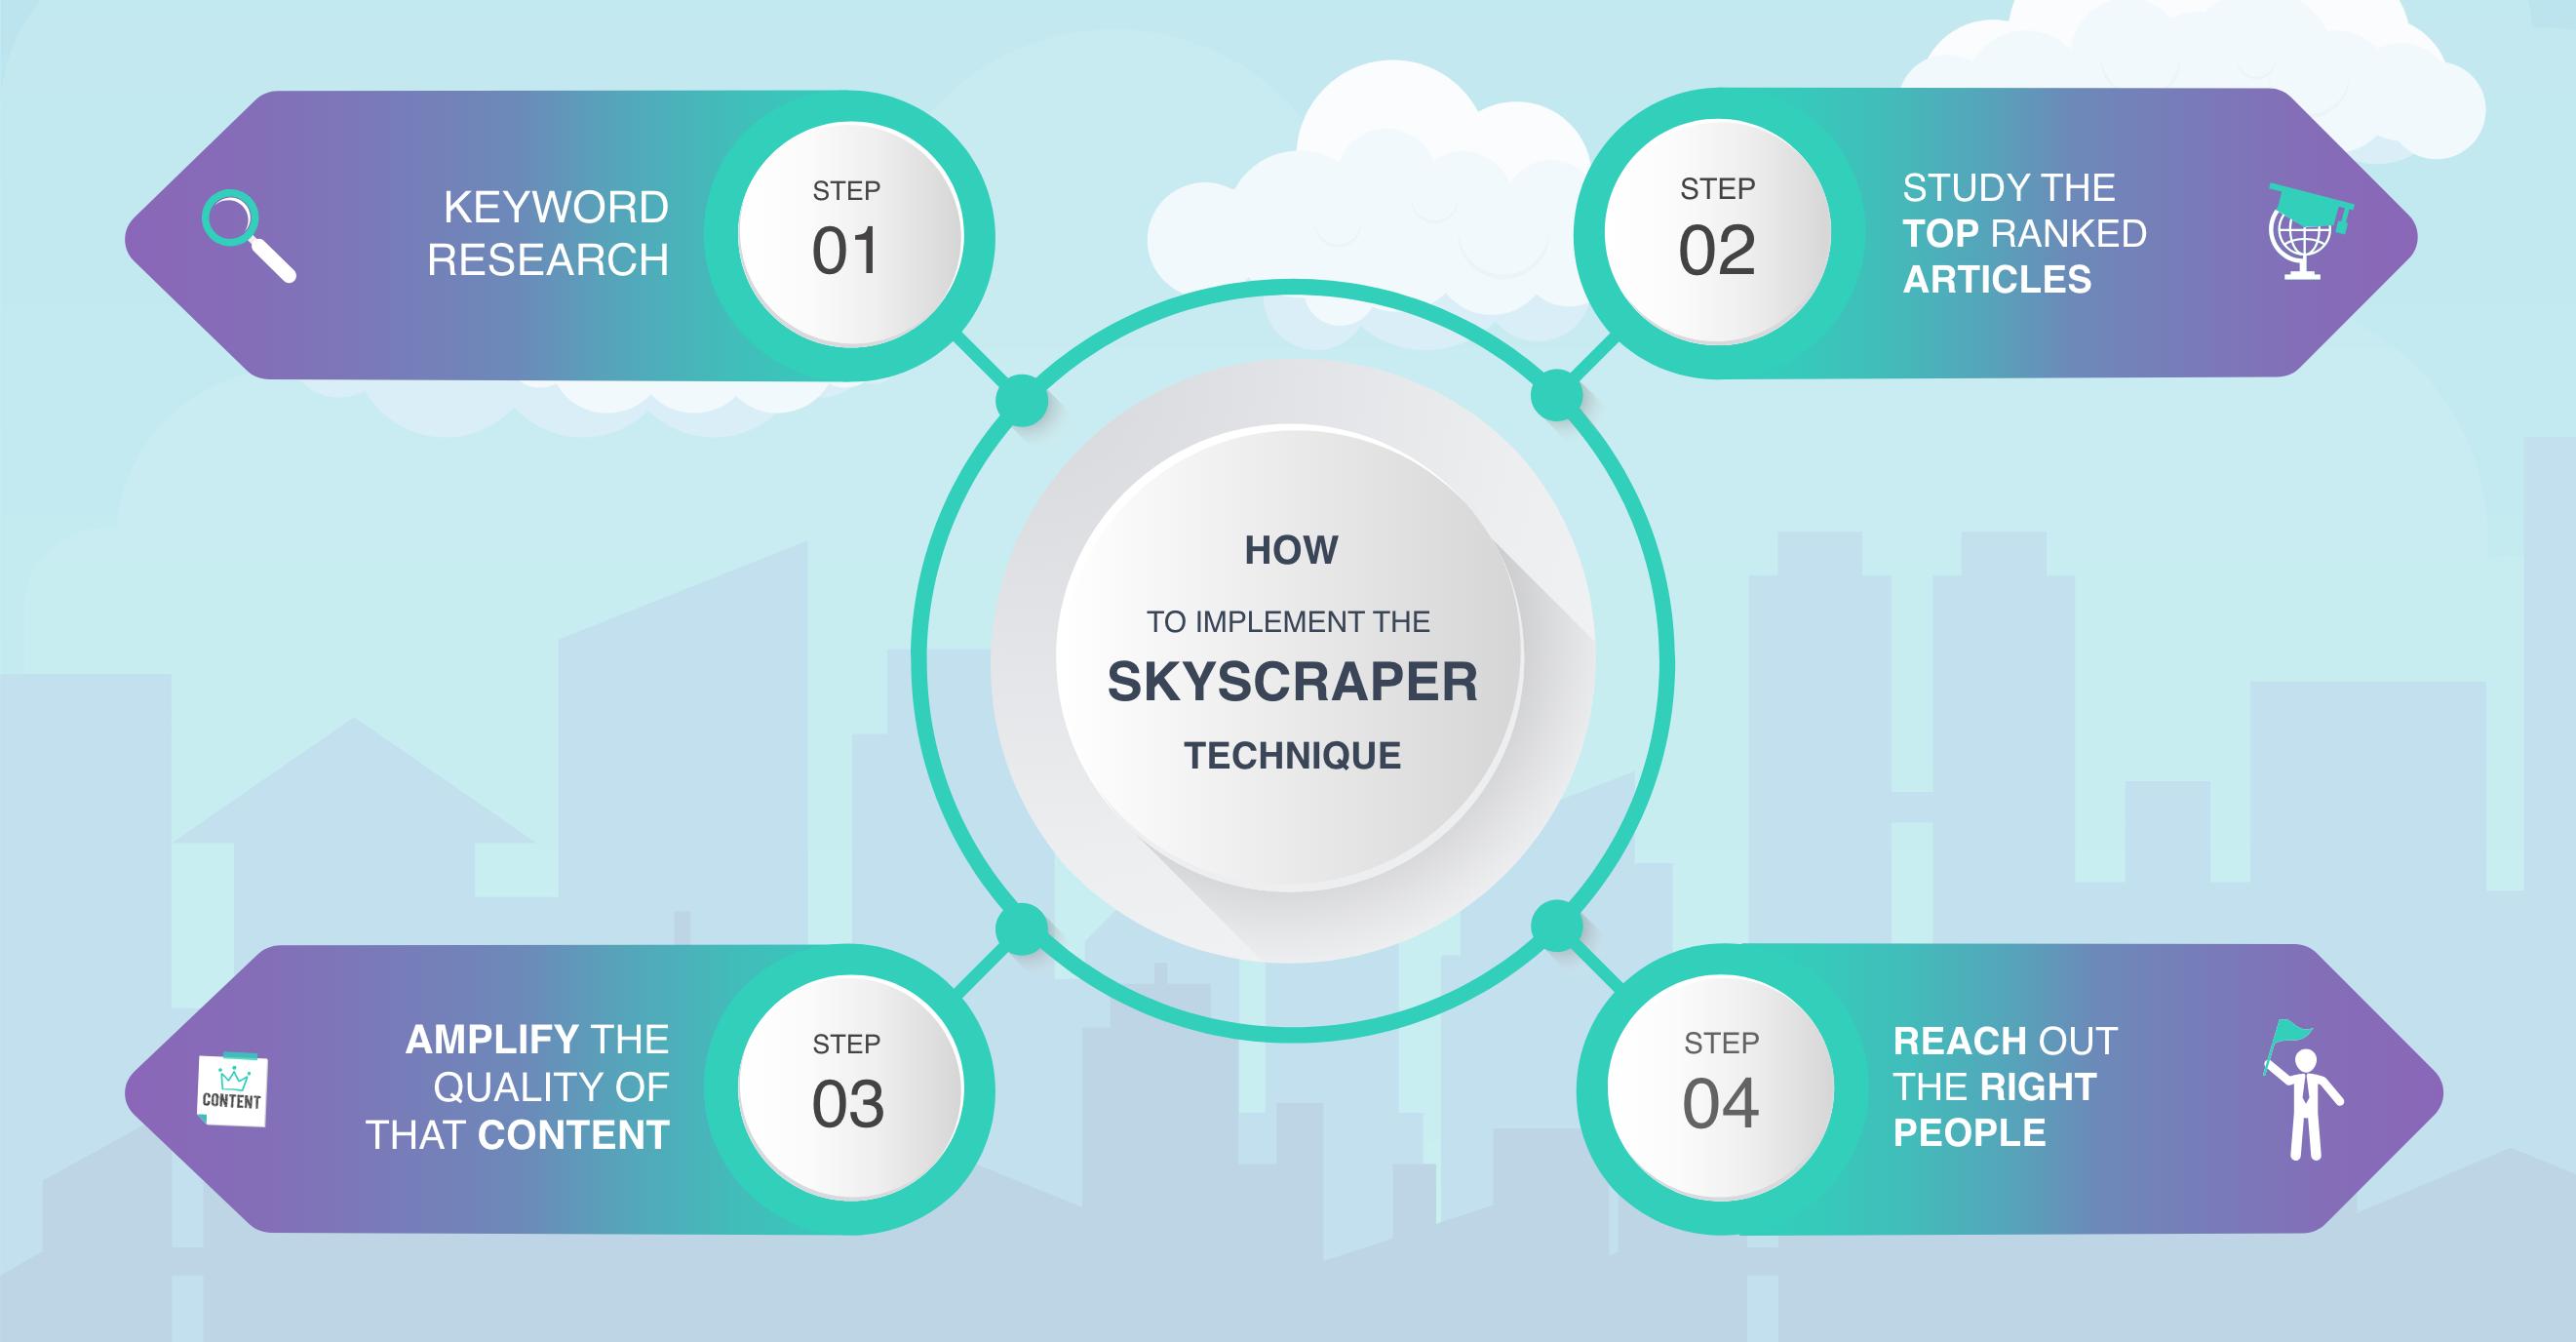 The SkyScraper Technique